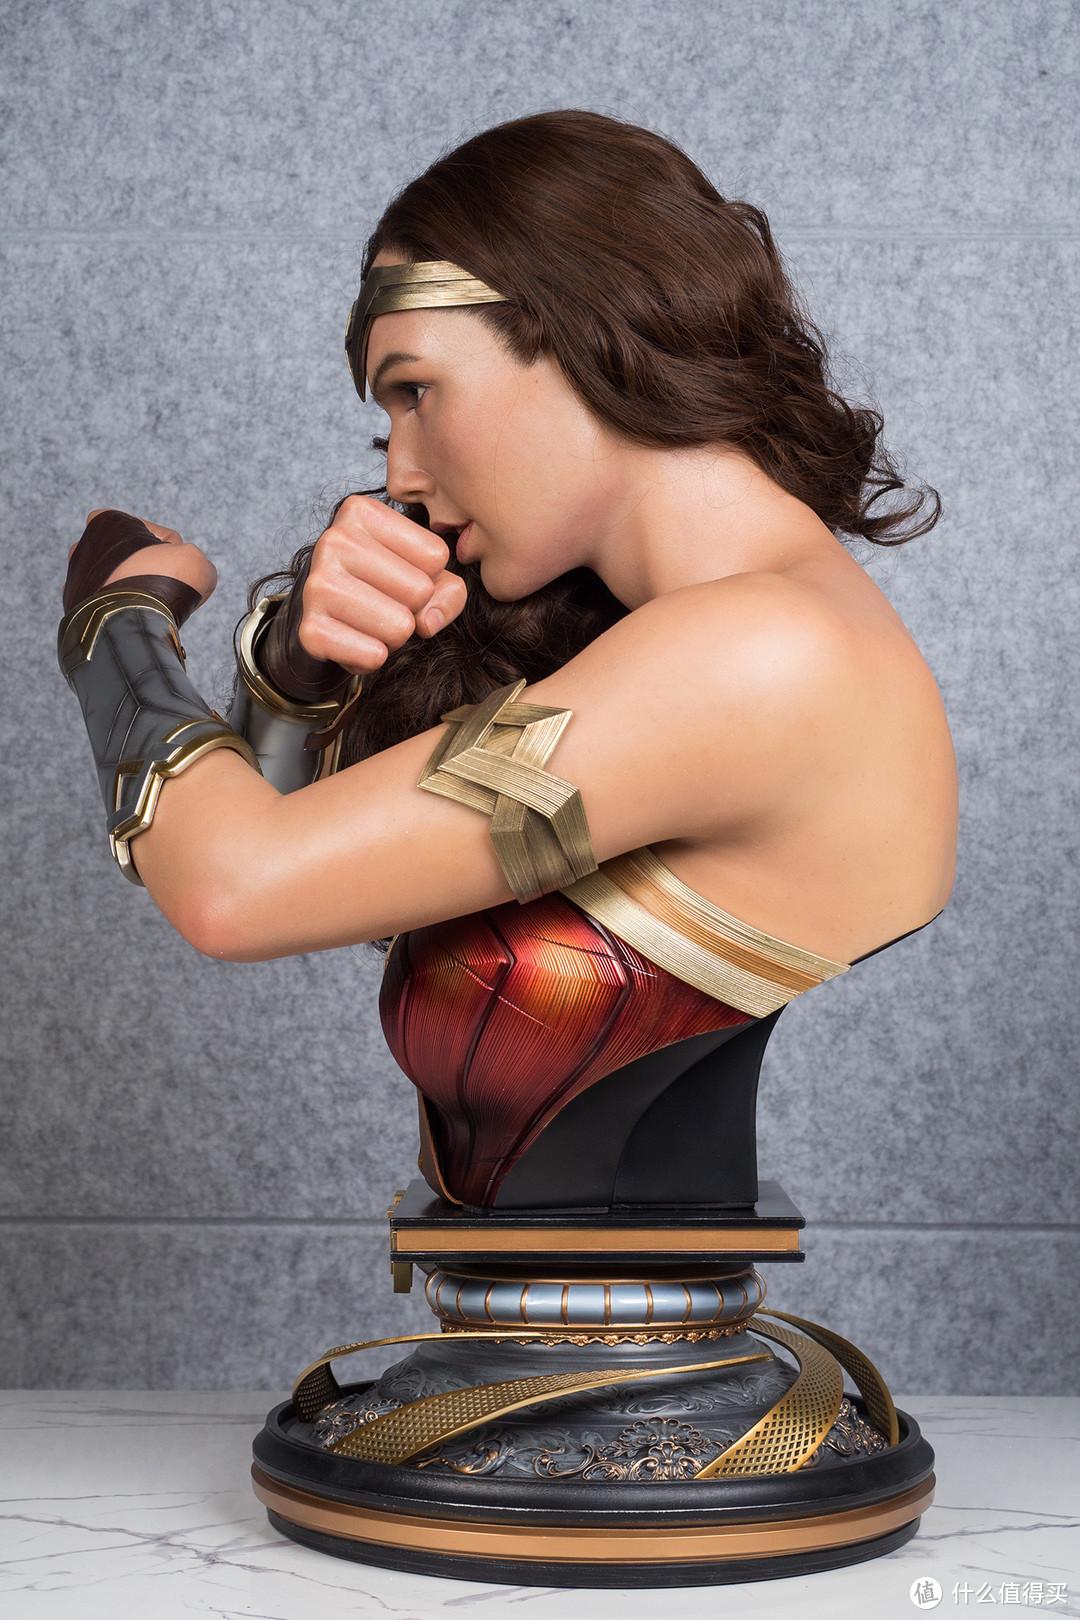 玩模总动员:集英气与美貌为一身,Queen Studios神奇女侠1/1半胸像开箱